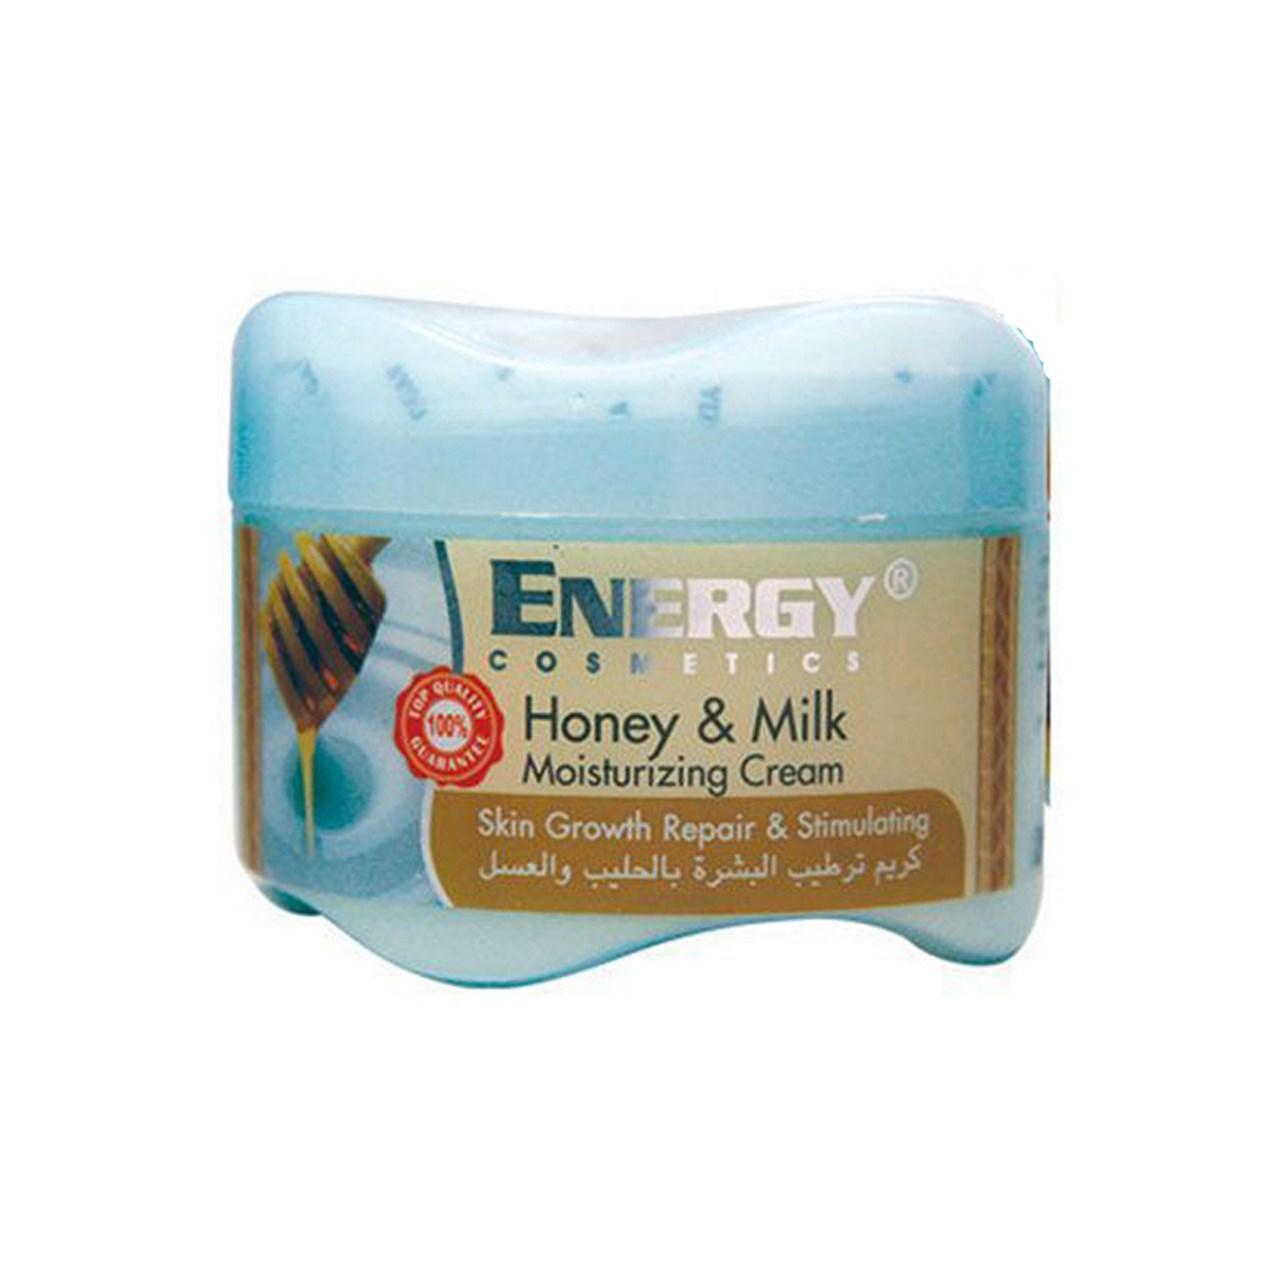 کرم مرطوب کننده انرژی مدل شیر و عسل حجم 250میلی لیتر